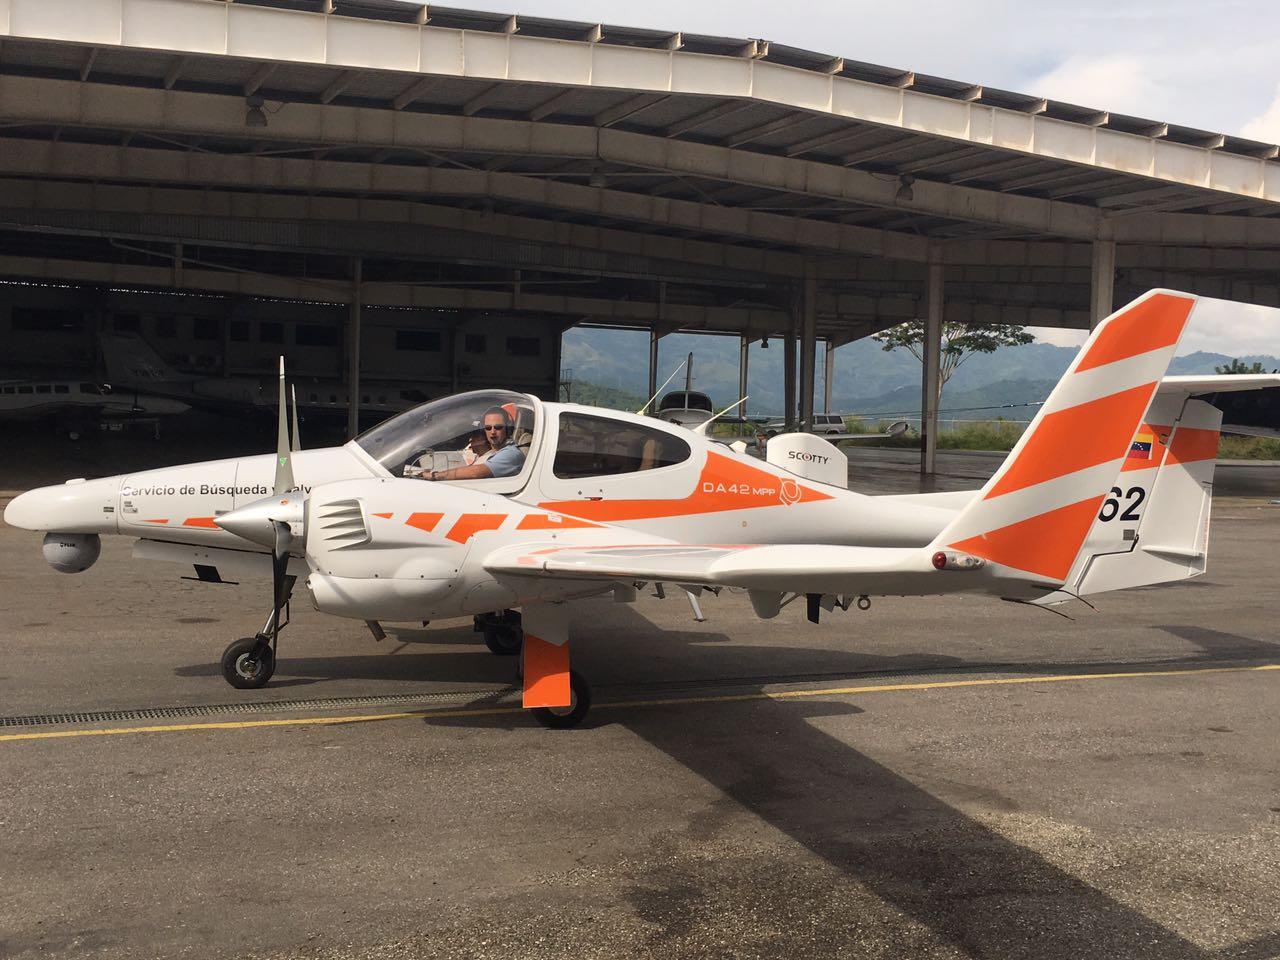 La aeronave DA-42 supuestamente recuperada en el aeropuerto Caracas en noviembre de 2016 / foto UN